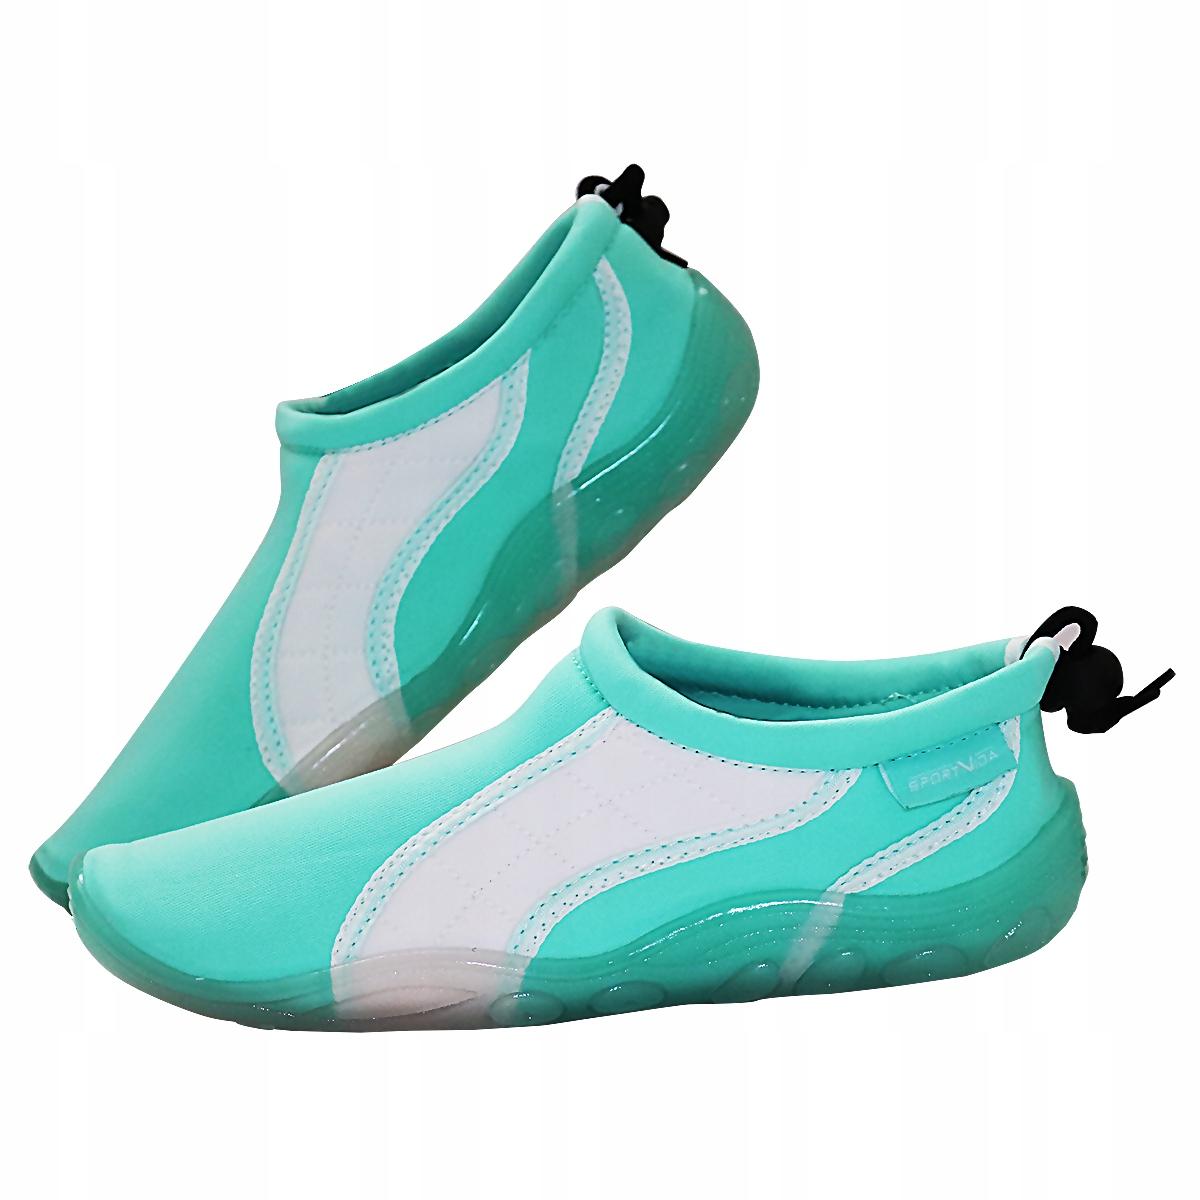 Buty do wody turkus rozmiar 36